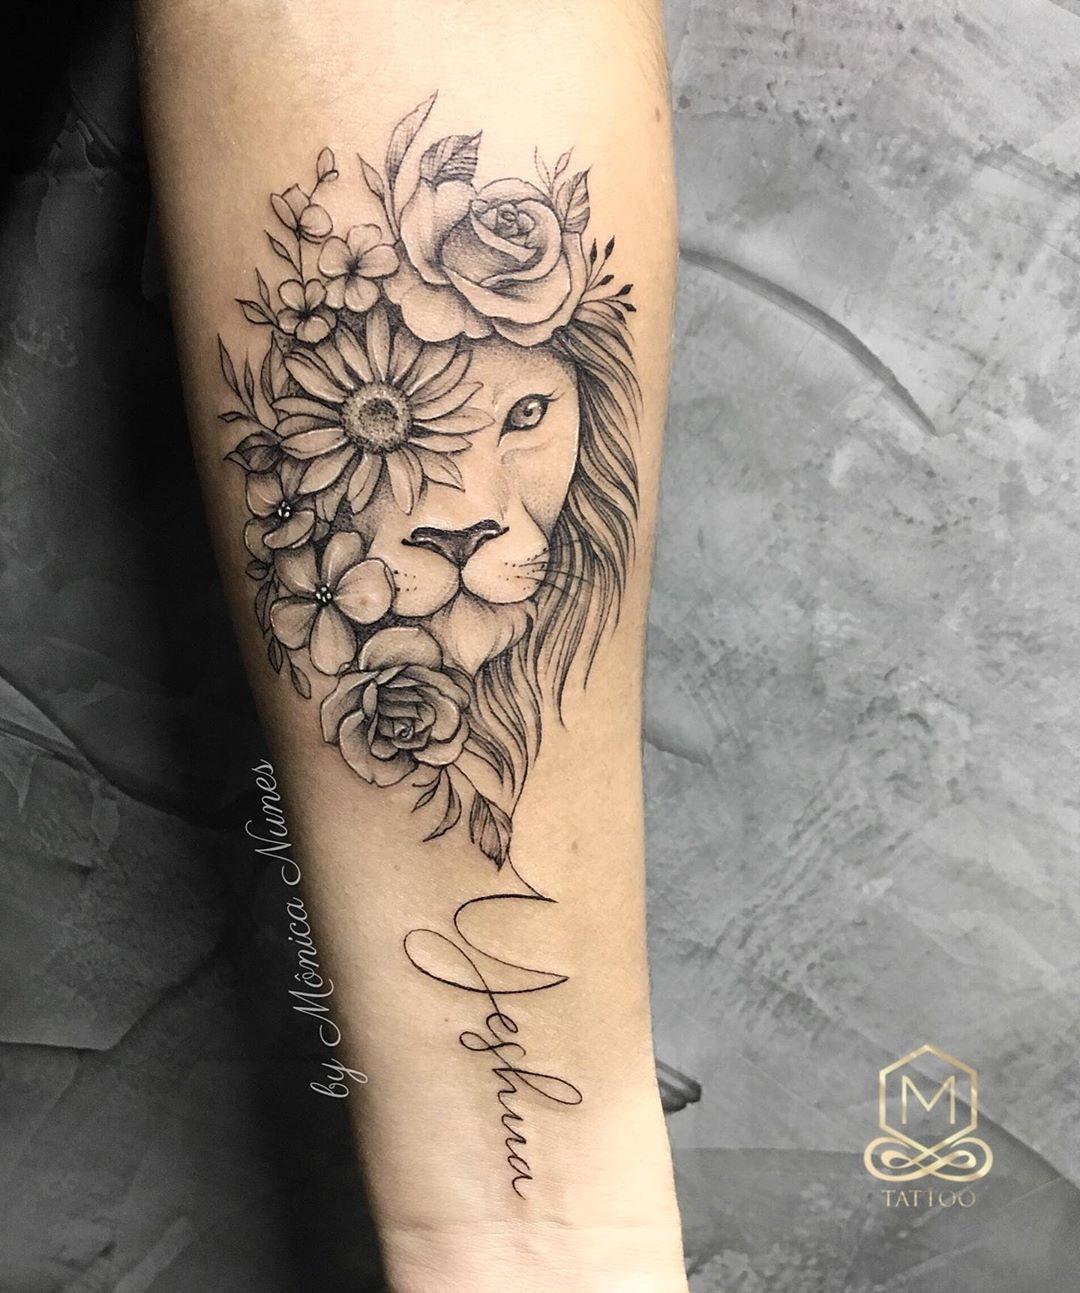 """Mônica Nunes_Studio M Tattoo on Instagram: """". . ➡️ tatuadora Mônica Nunes Whatsapp 47 9 9722 5444 . • Homenagem da Nanda ao nosso """"Leão de Judá"""" 🙏🏻. Obrigada querida pelas boas…"""""""